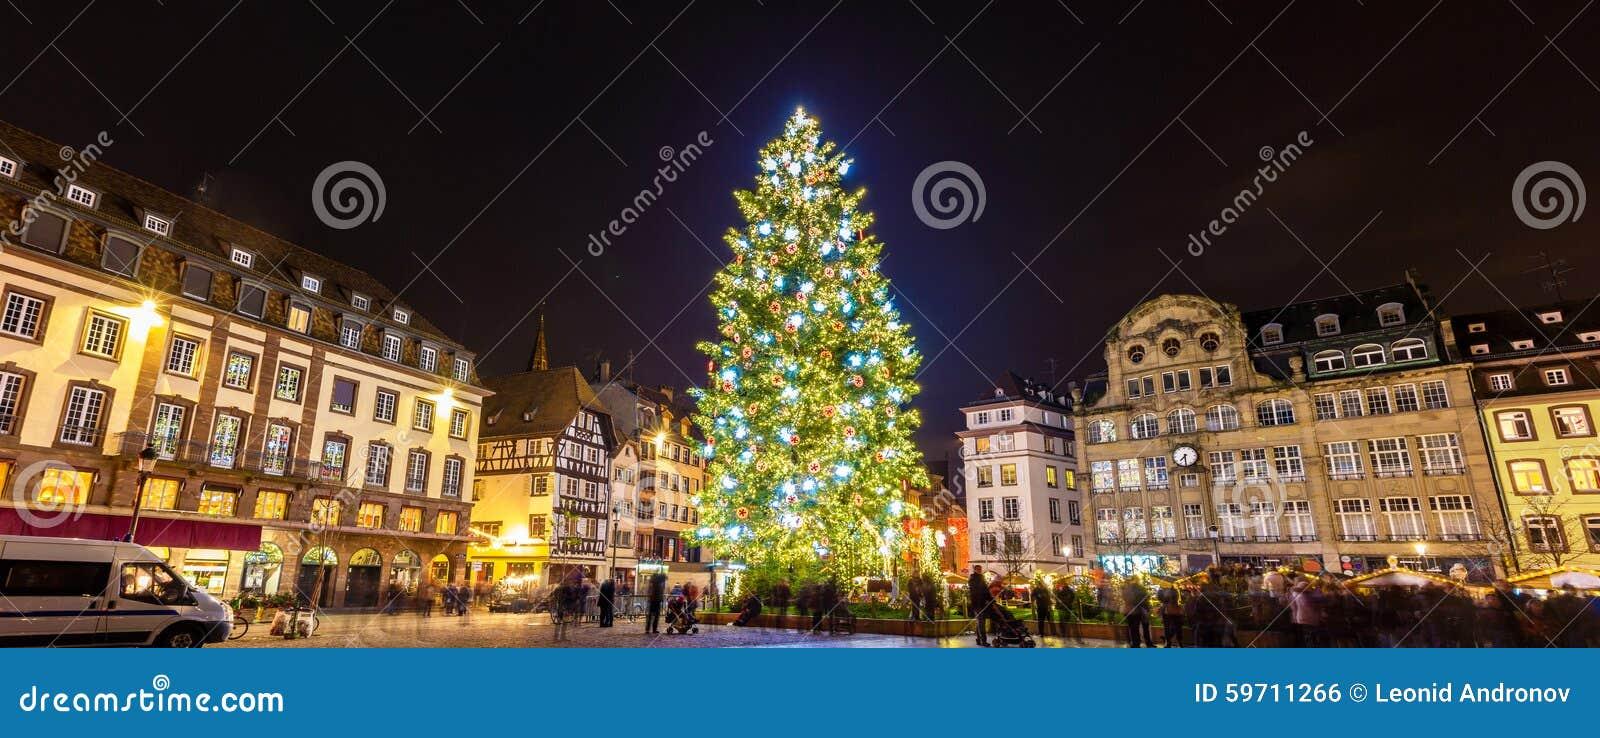 Arbre de Noël à Strasbourg, 2014 - Alsace, France